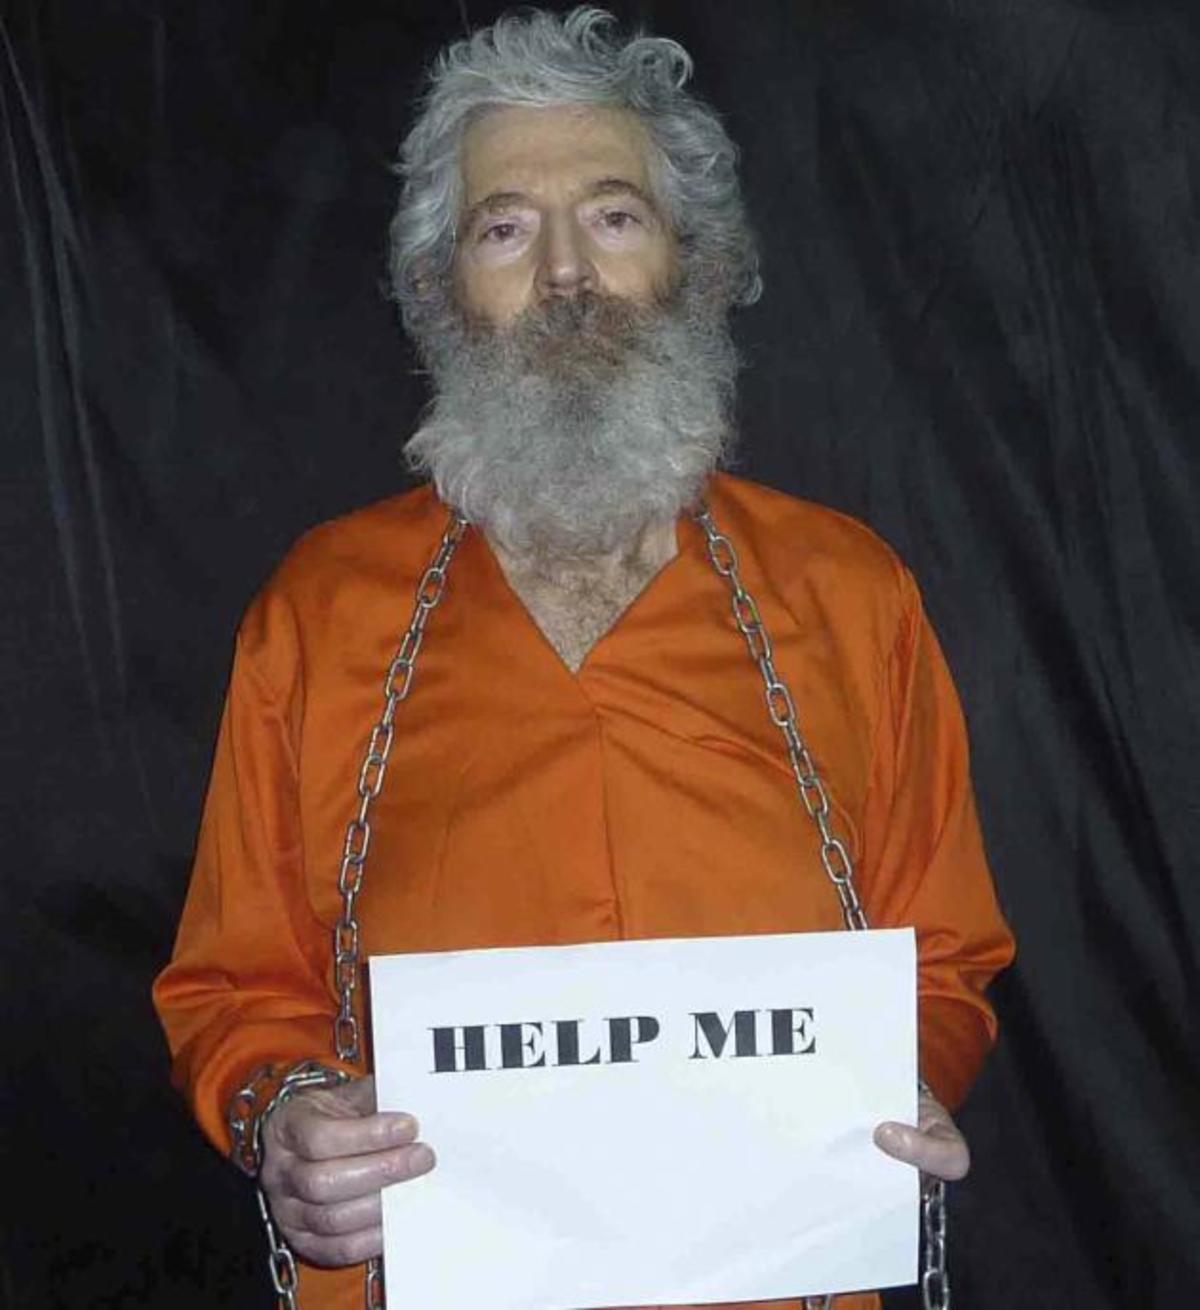 Συγκλονιστικές φωτογραφίες πράκτορα της FBI που «εξαφανίστηκε» | Newsit.gr